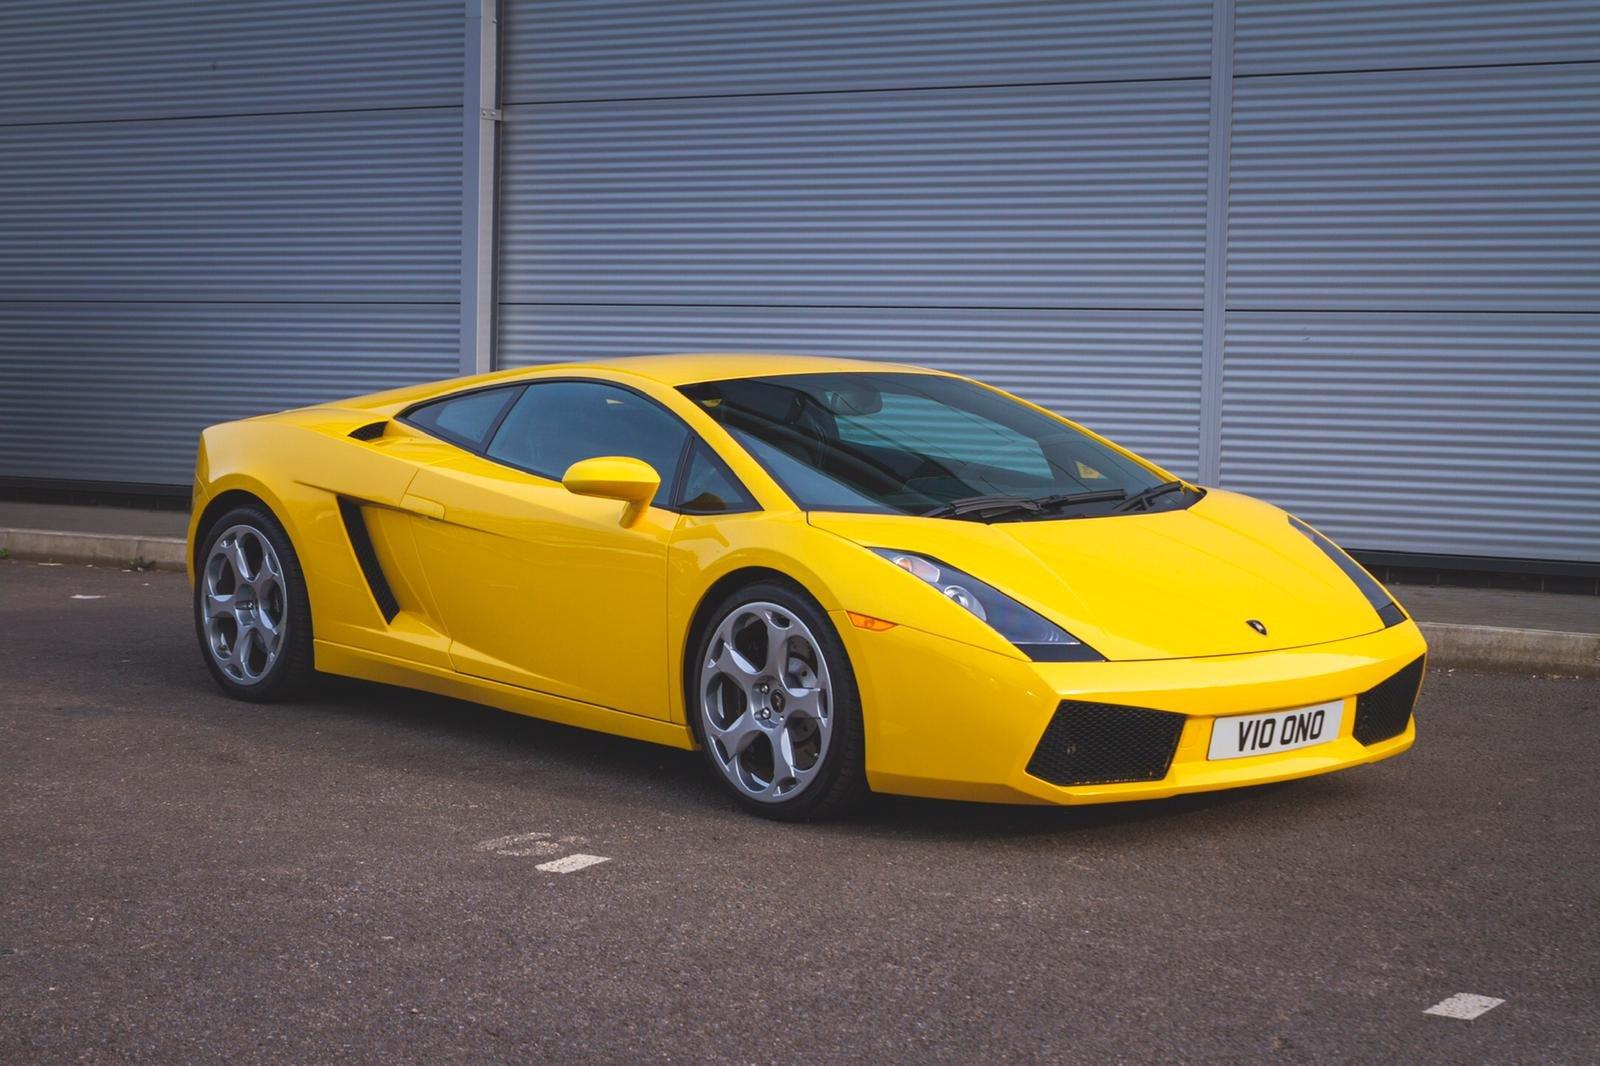 2004 Lamborghini Gallardo Pearl Yellow (E Gear) SOLD (picture 1 of 6)